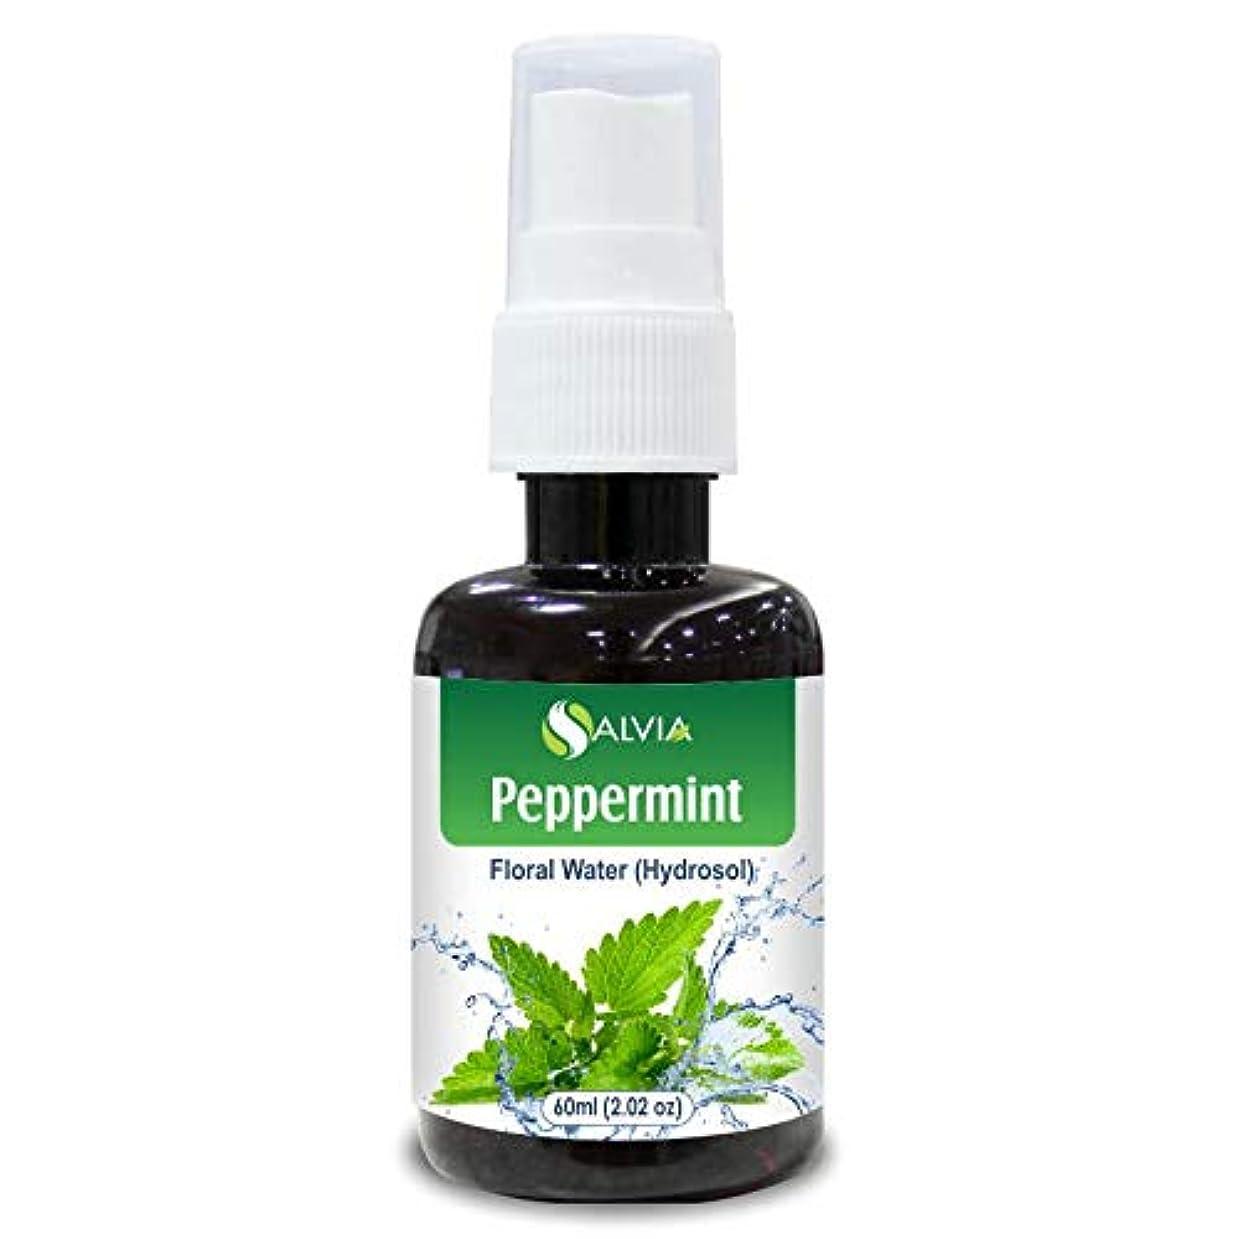 小売微生物目的Peppermint Floral Water 60ml (Hydrosol) 100% Pure And Natural